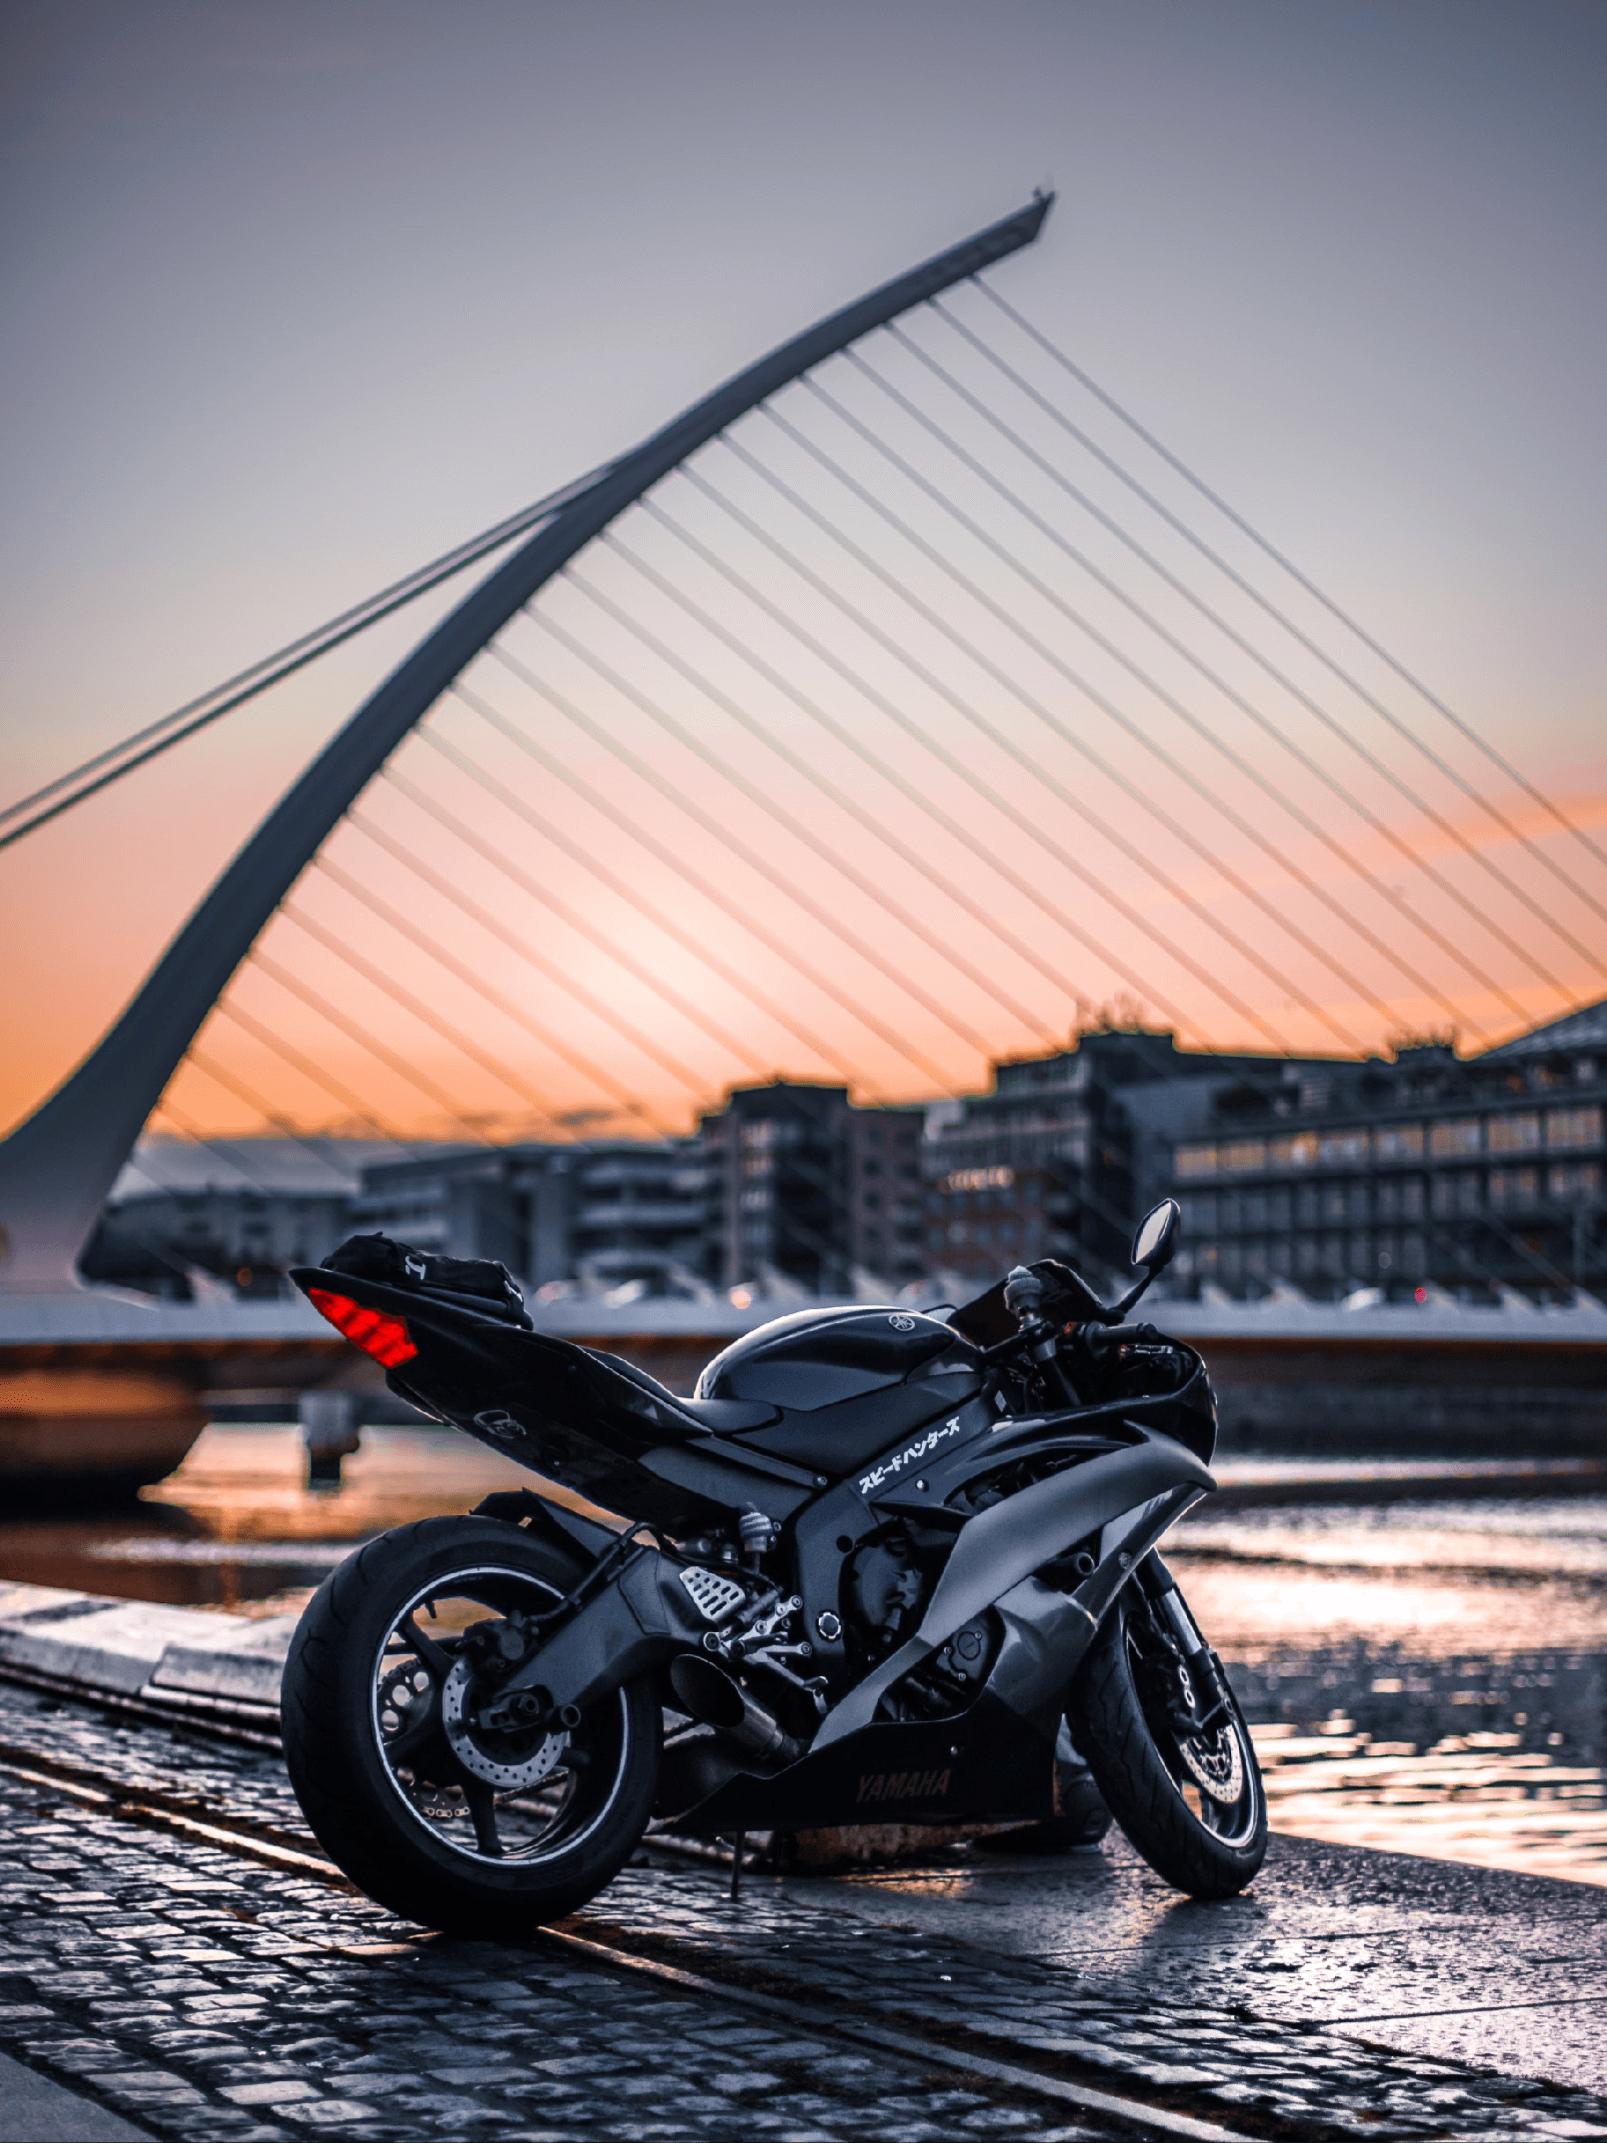 Få laget unike motorsykkelbilder fra Nordic photodesign